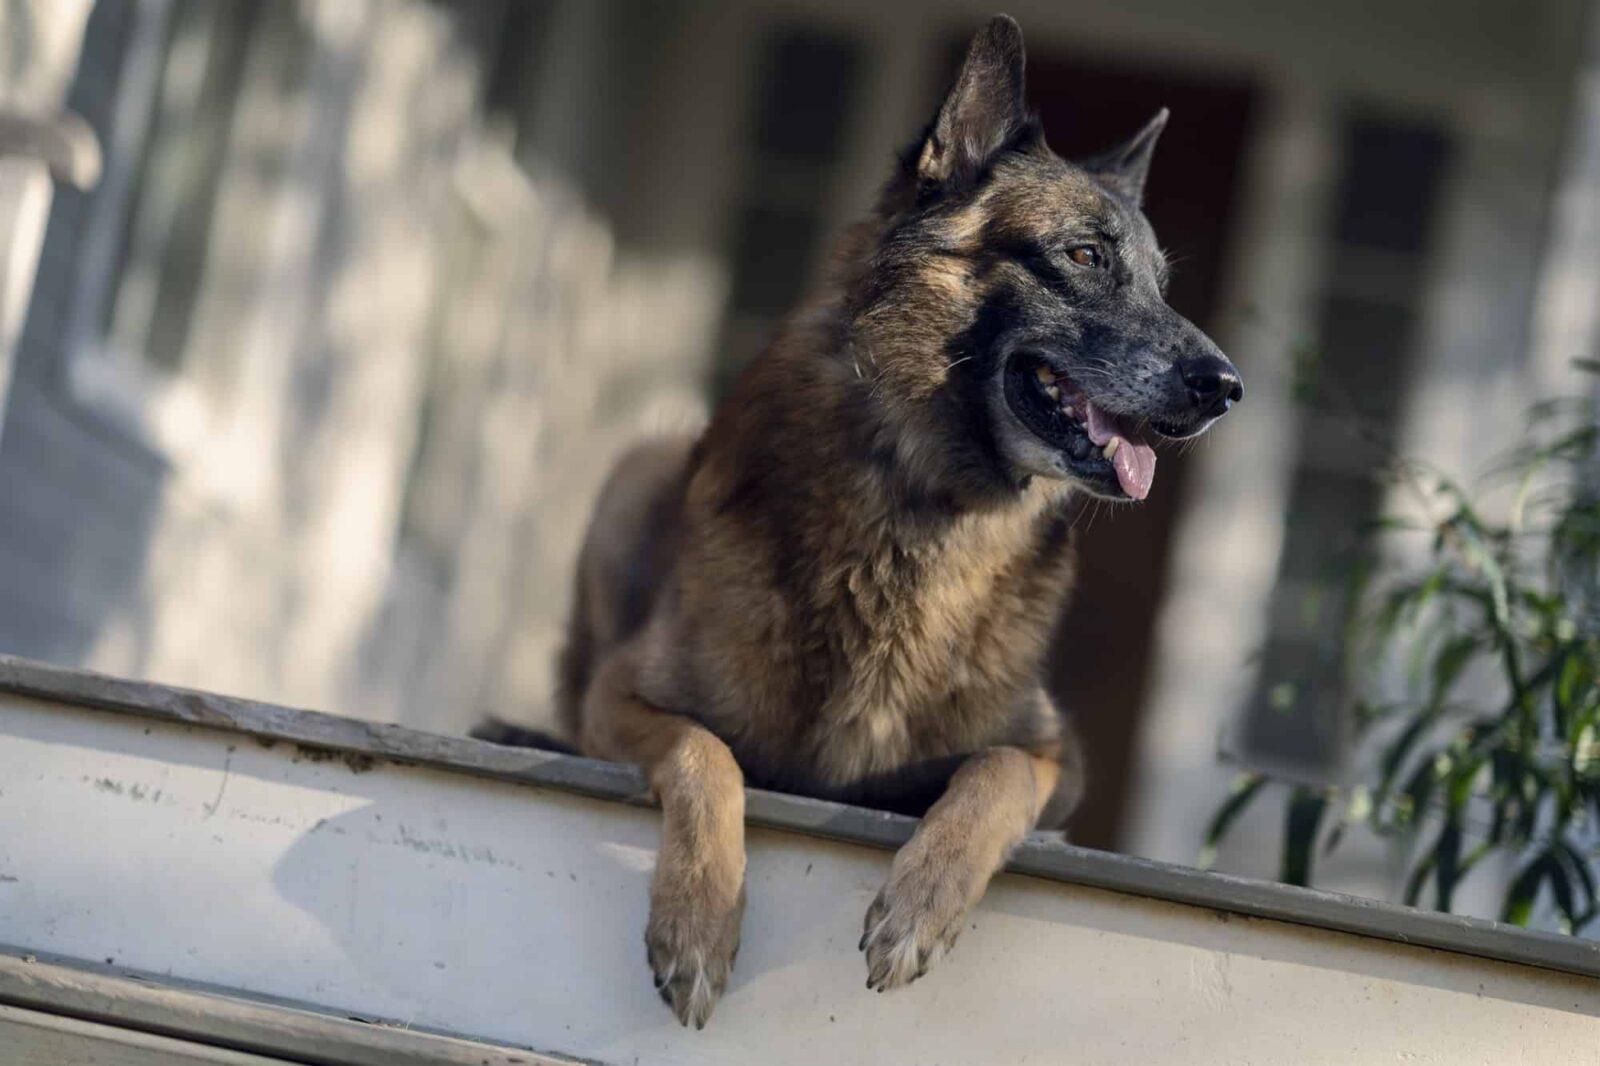 Dog / Perro en The Walking Dead 10x21 Diverged